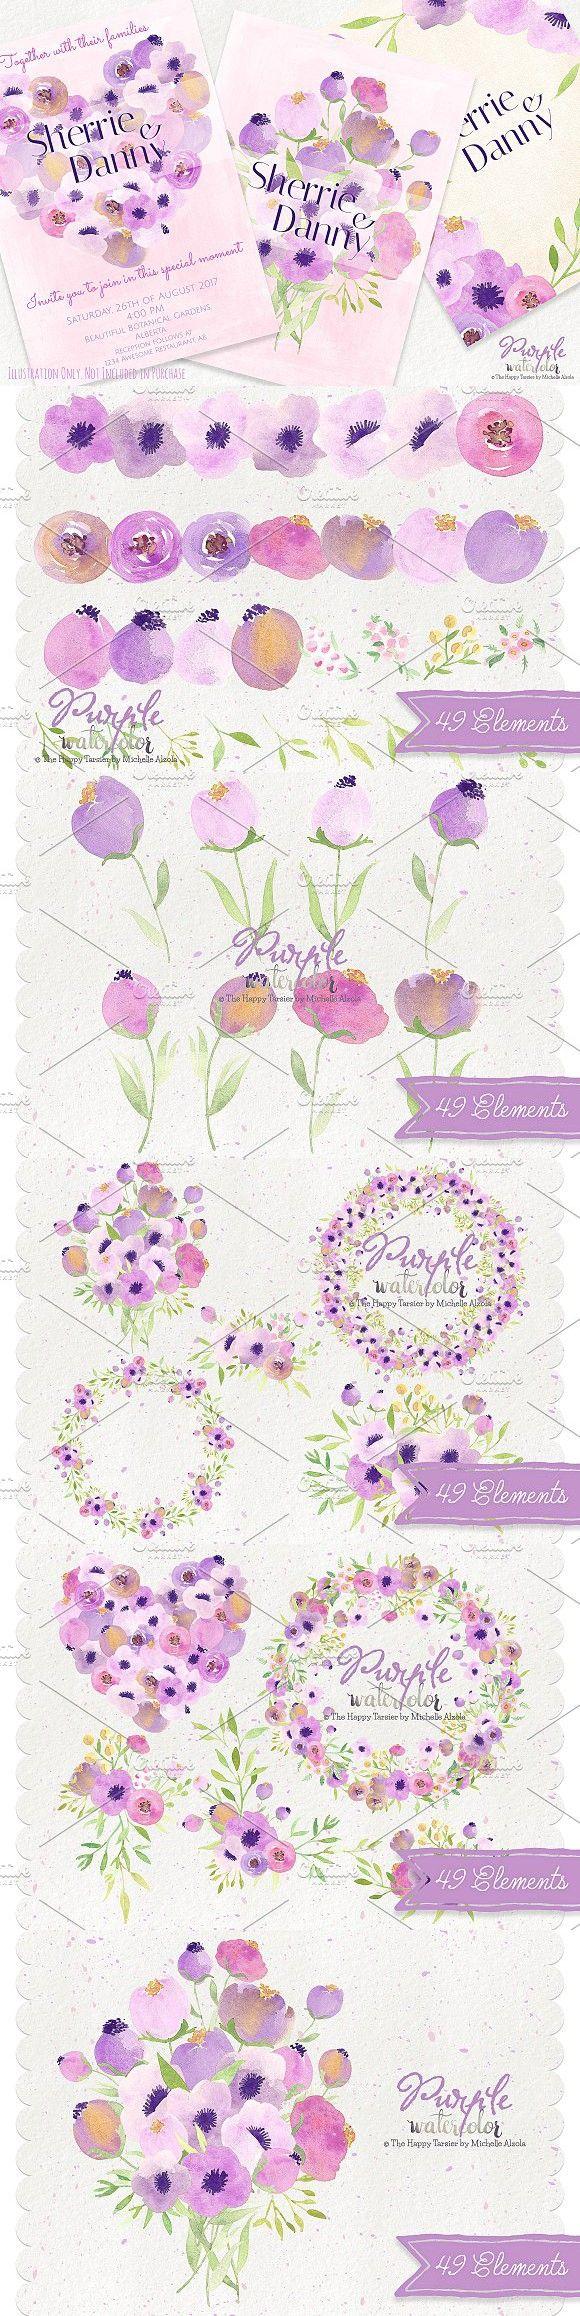 watercolor purple flower clipart watercolor graphic design pinterest flower clipart [ 580 x 2316 Pixel ]